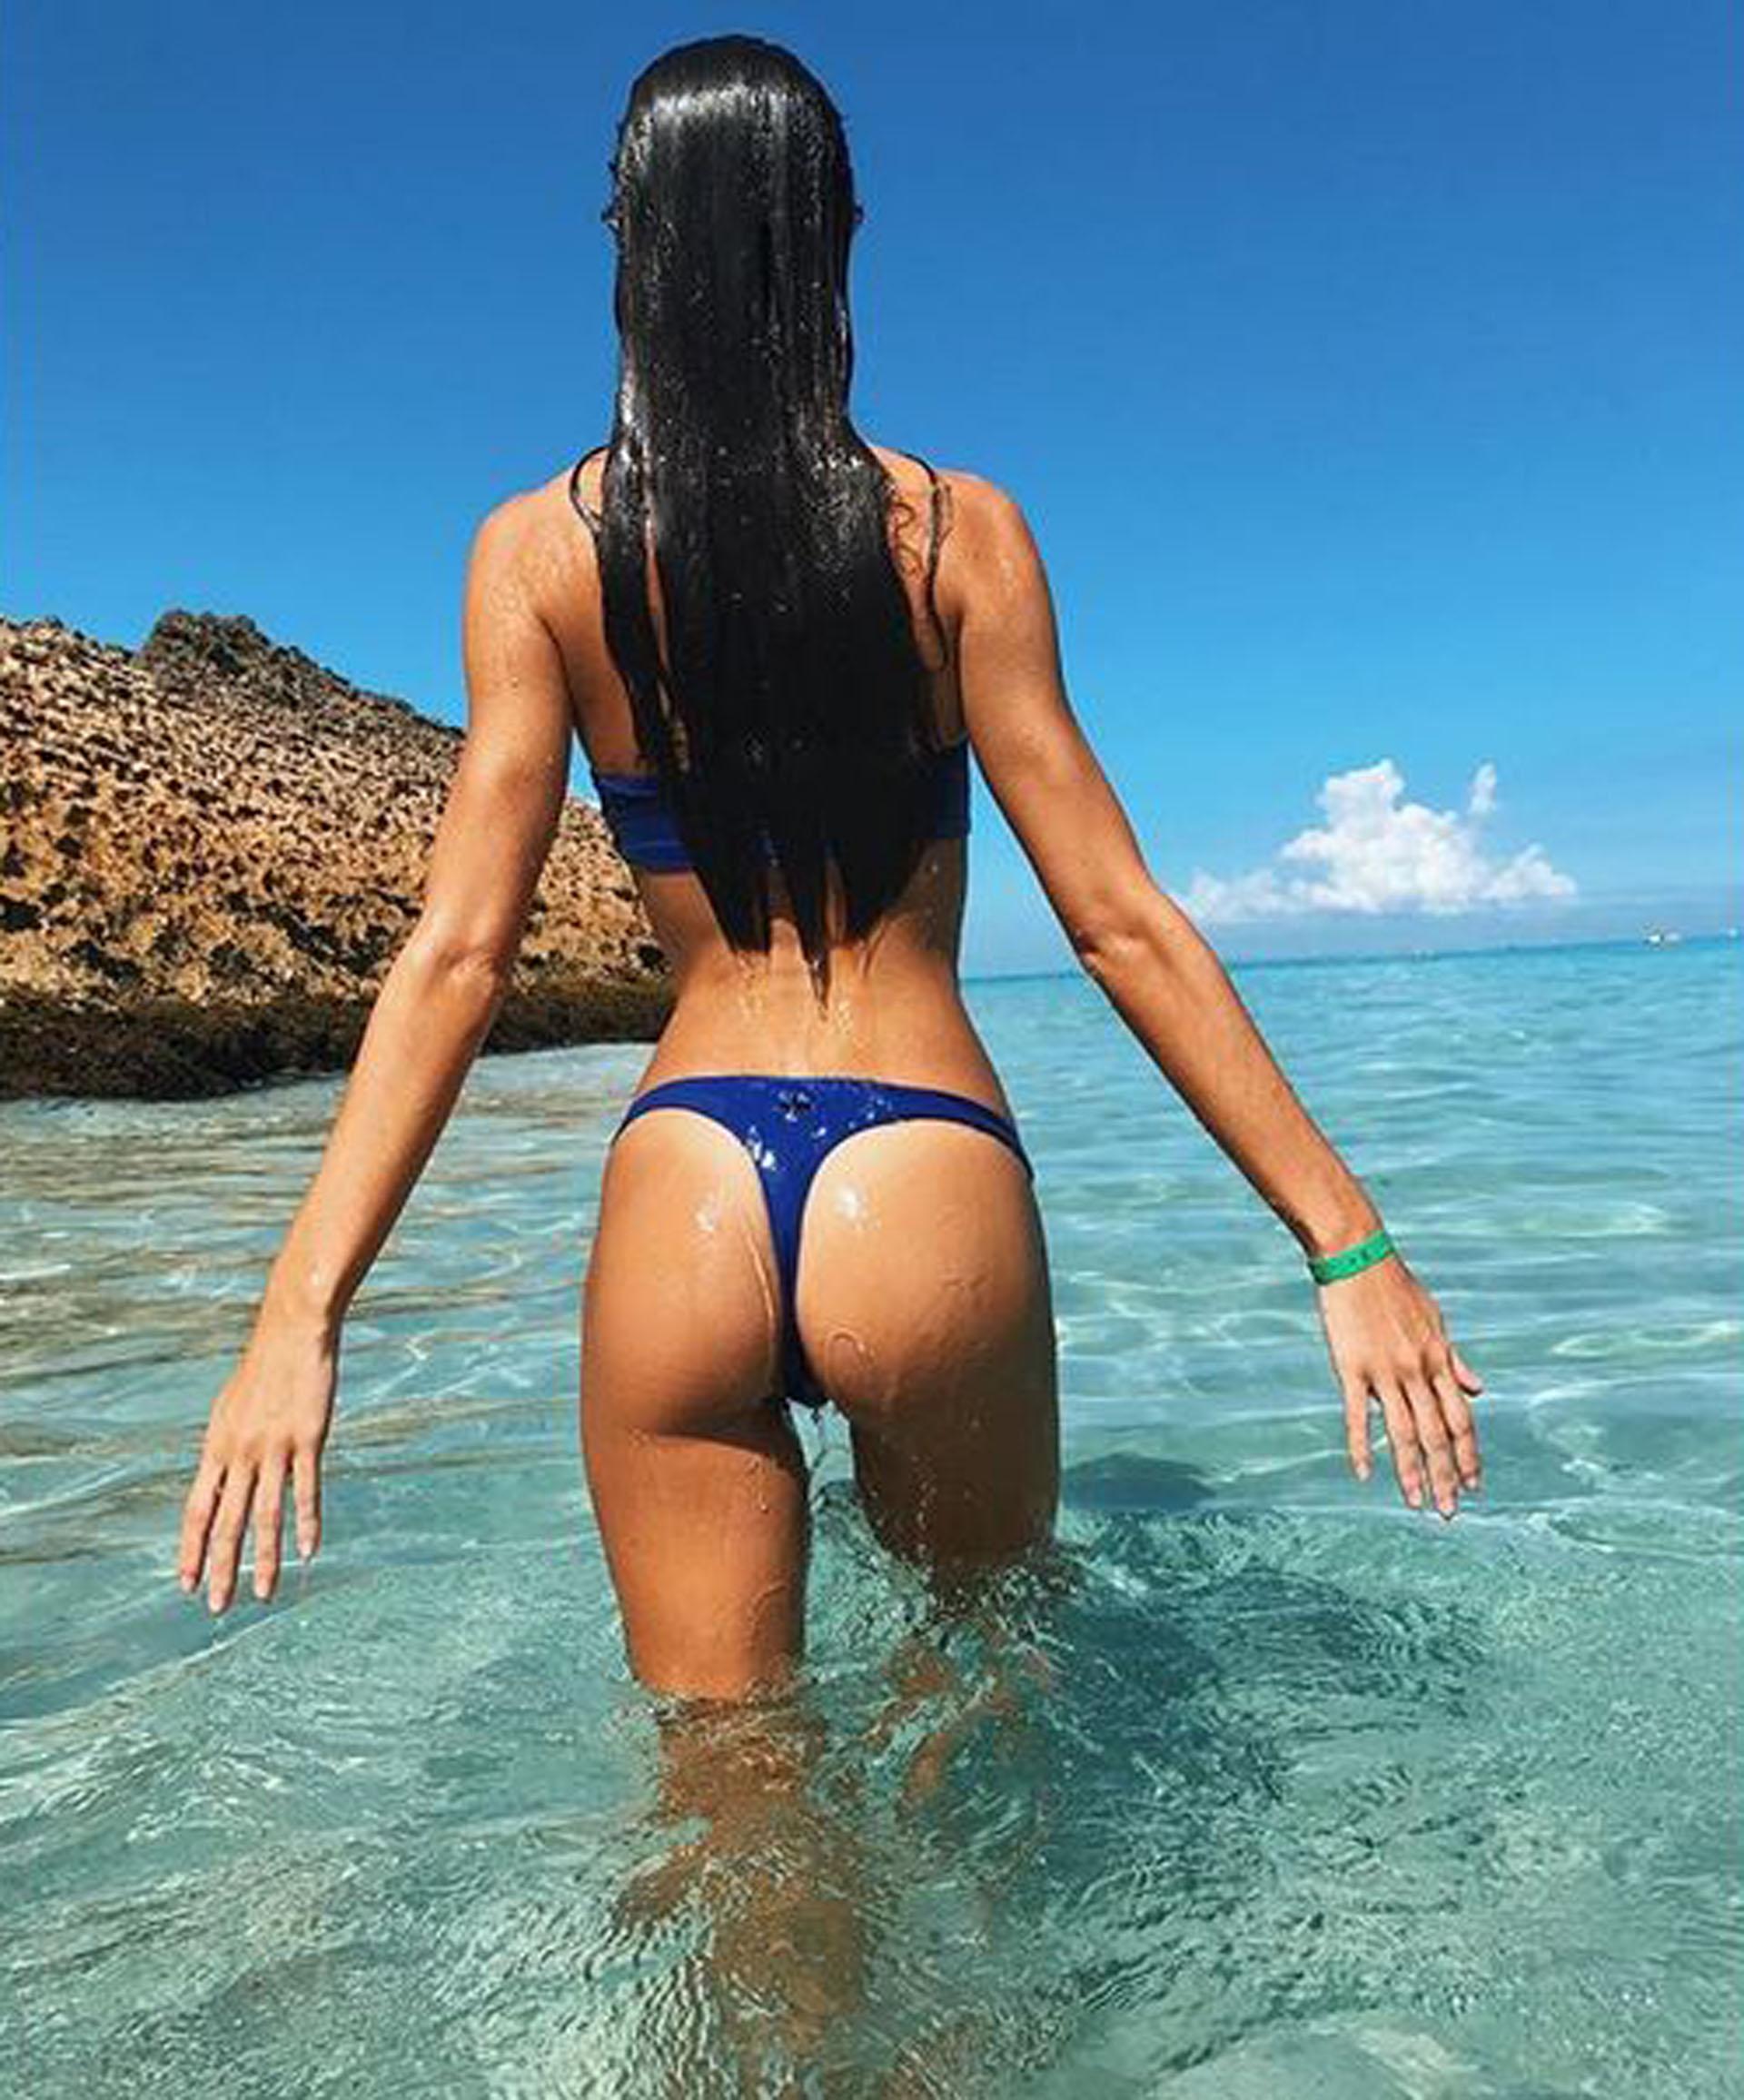 Bikini Katerina Kristall nudes (23 photo), Pussy, Sideboobs, Twitter, lingerie 2015